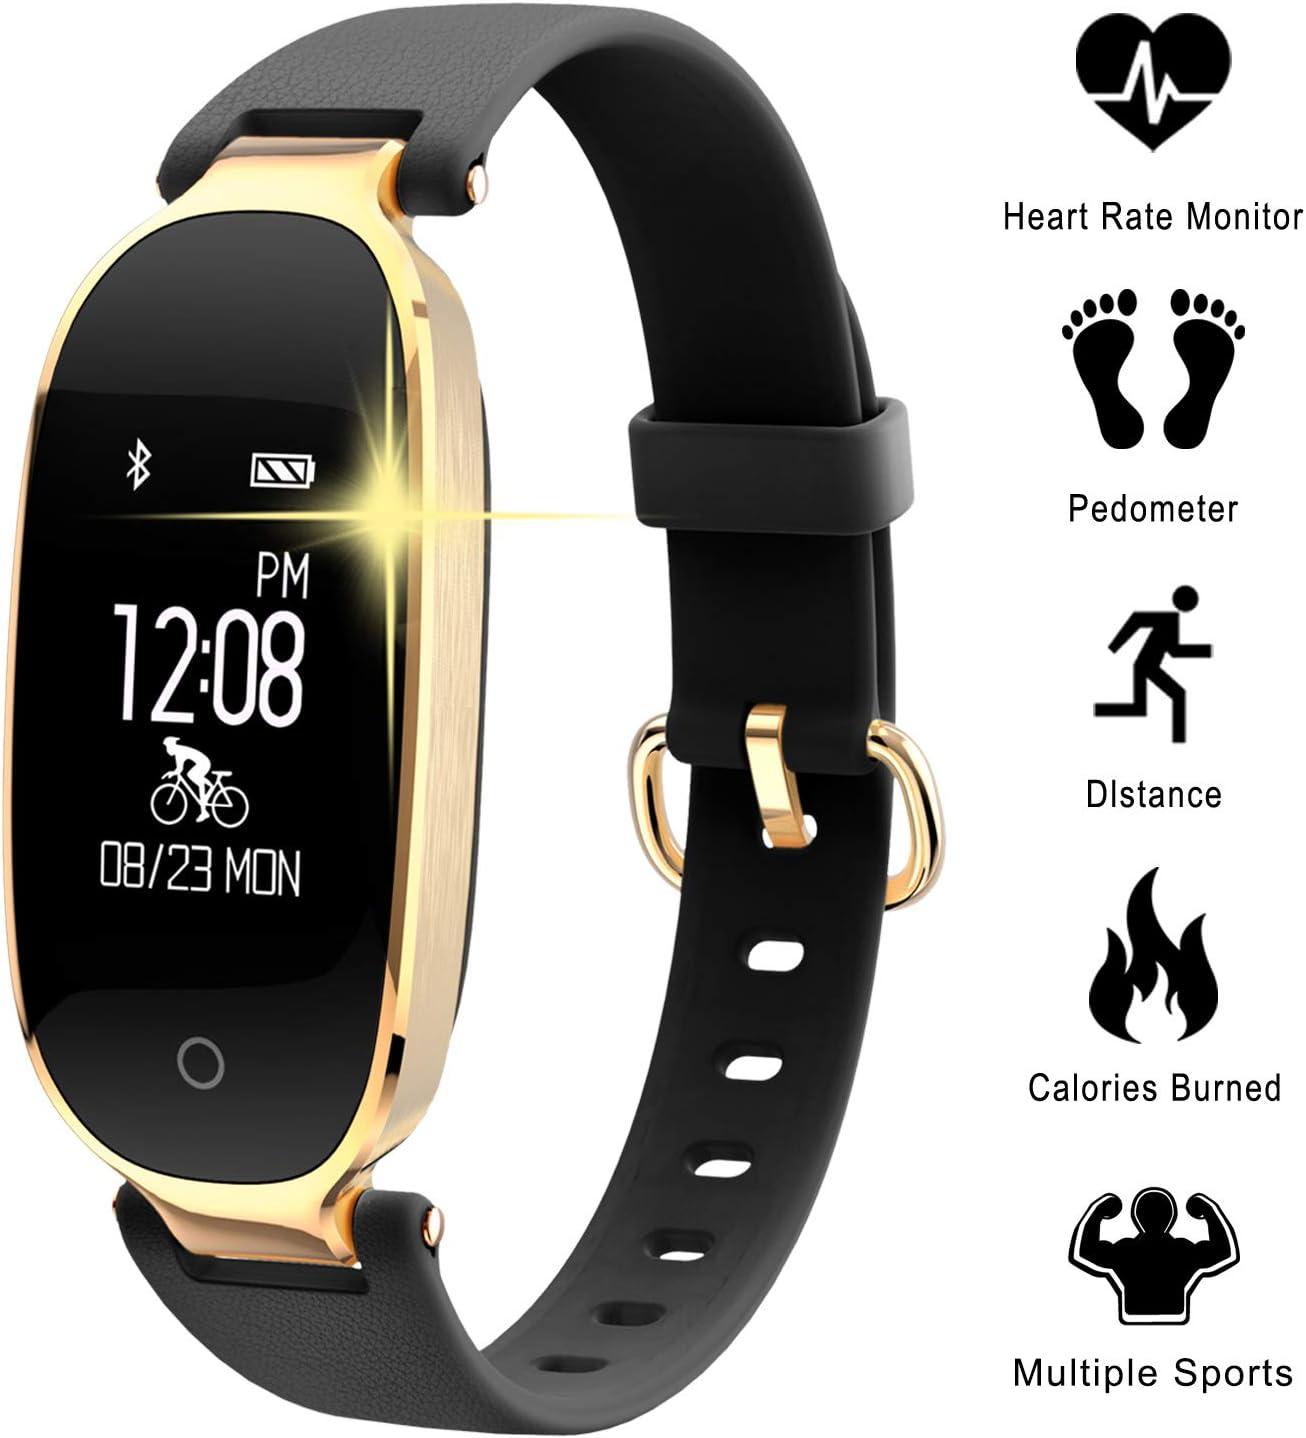 WOWGO Pulsera Actividad, Smartwatch Impermeable IP67, Reloj Inteligente con Pulsómetro, Reloj de Fitness con Podómetro para Android y iOS Teléfono móvil para Mujer Hombre niños